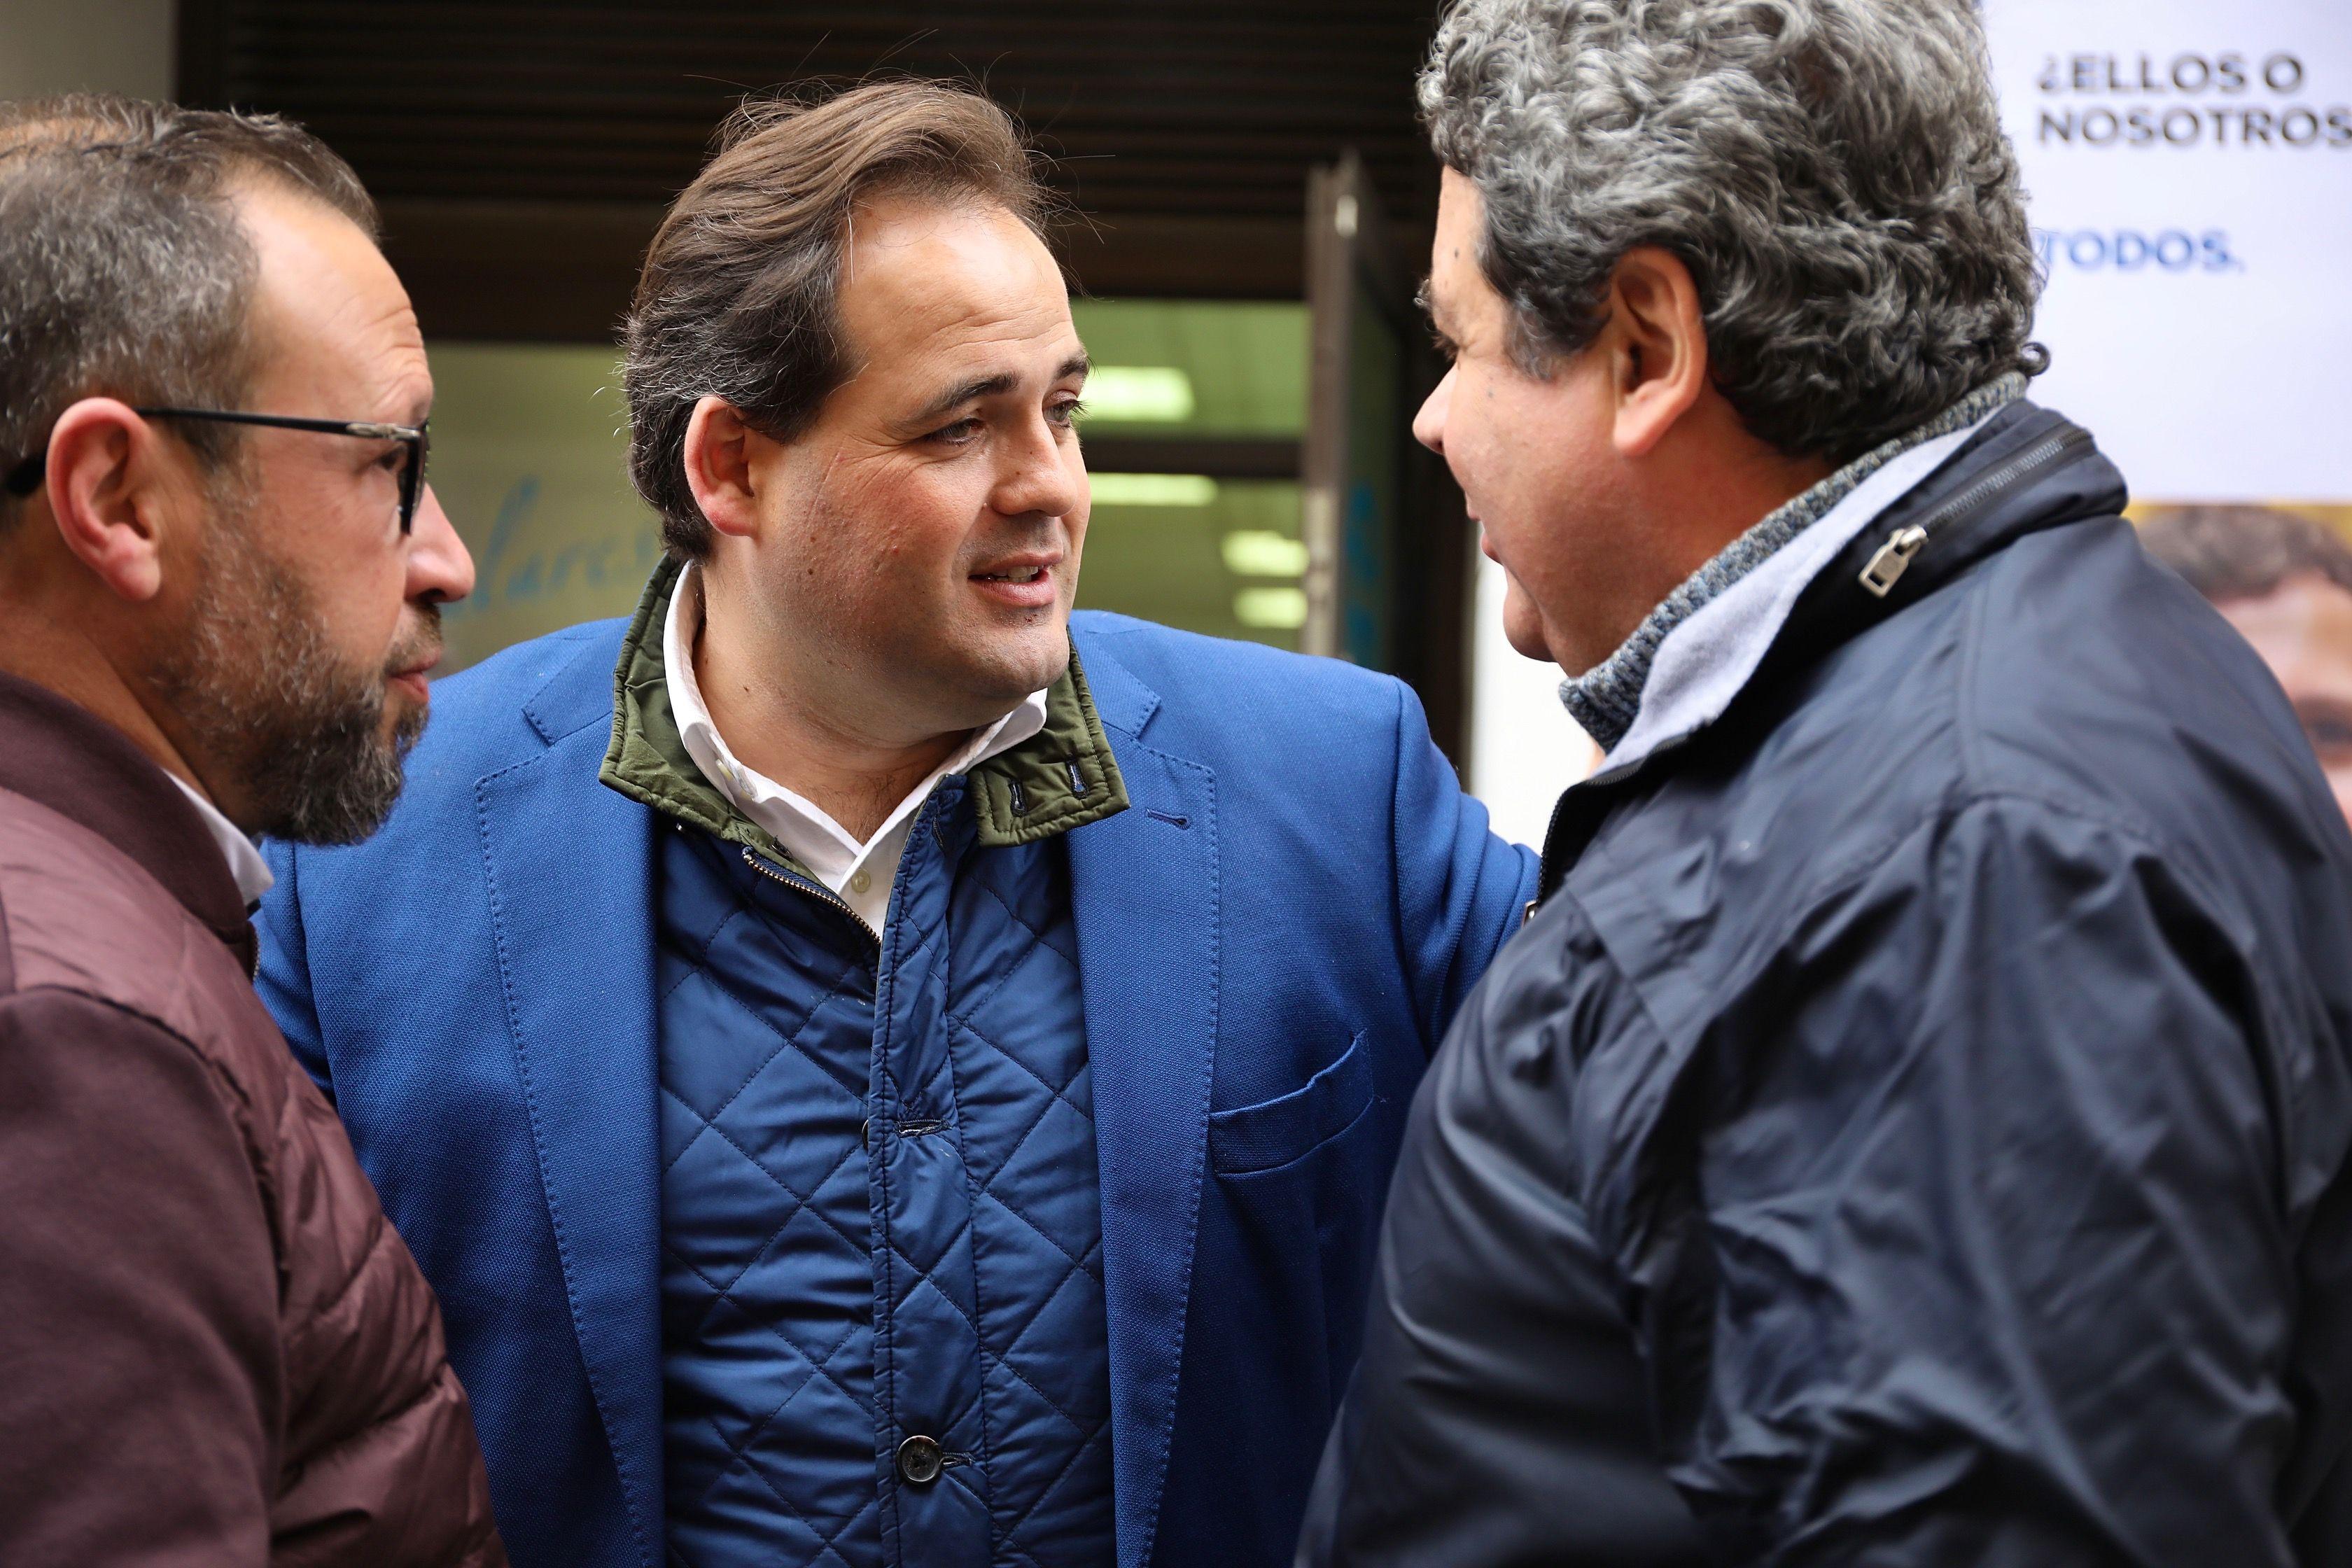 Núñez pide a Pedro Sánchez que aclare si pactará con independentistas y Bildu y a Page si le parecen bien estos pactos para el Gobierno de España